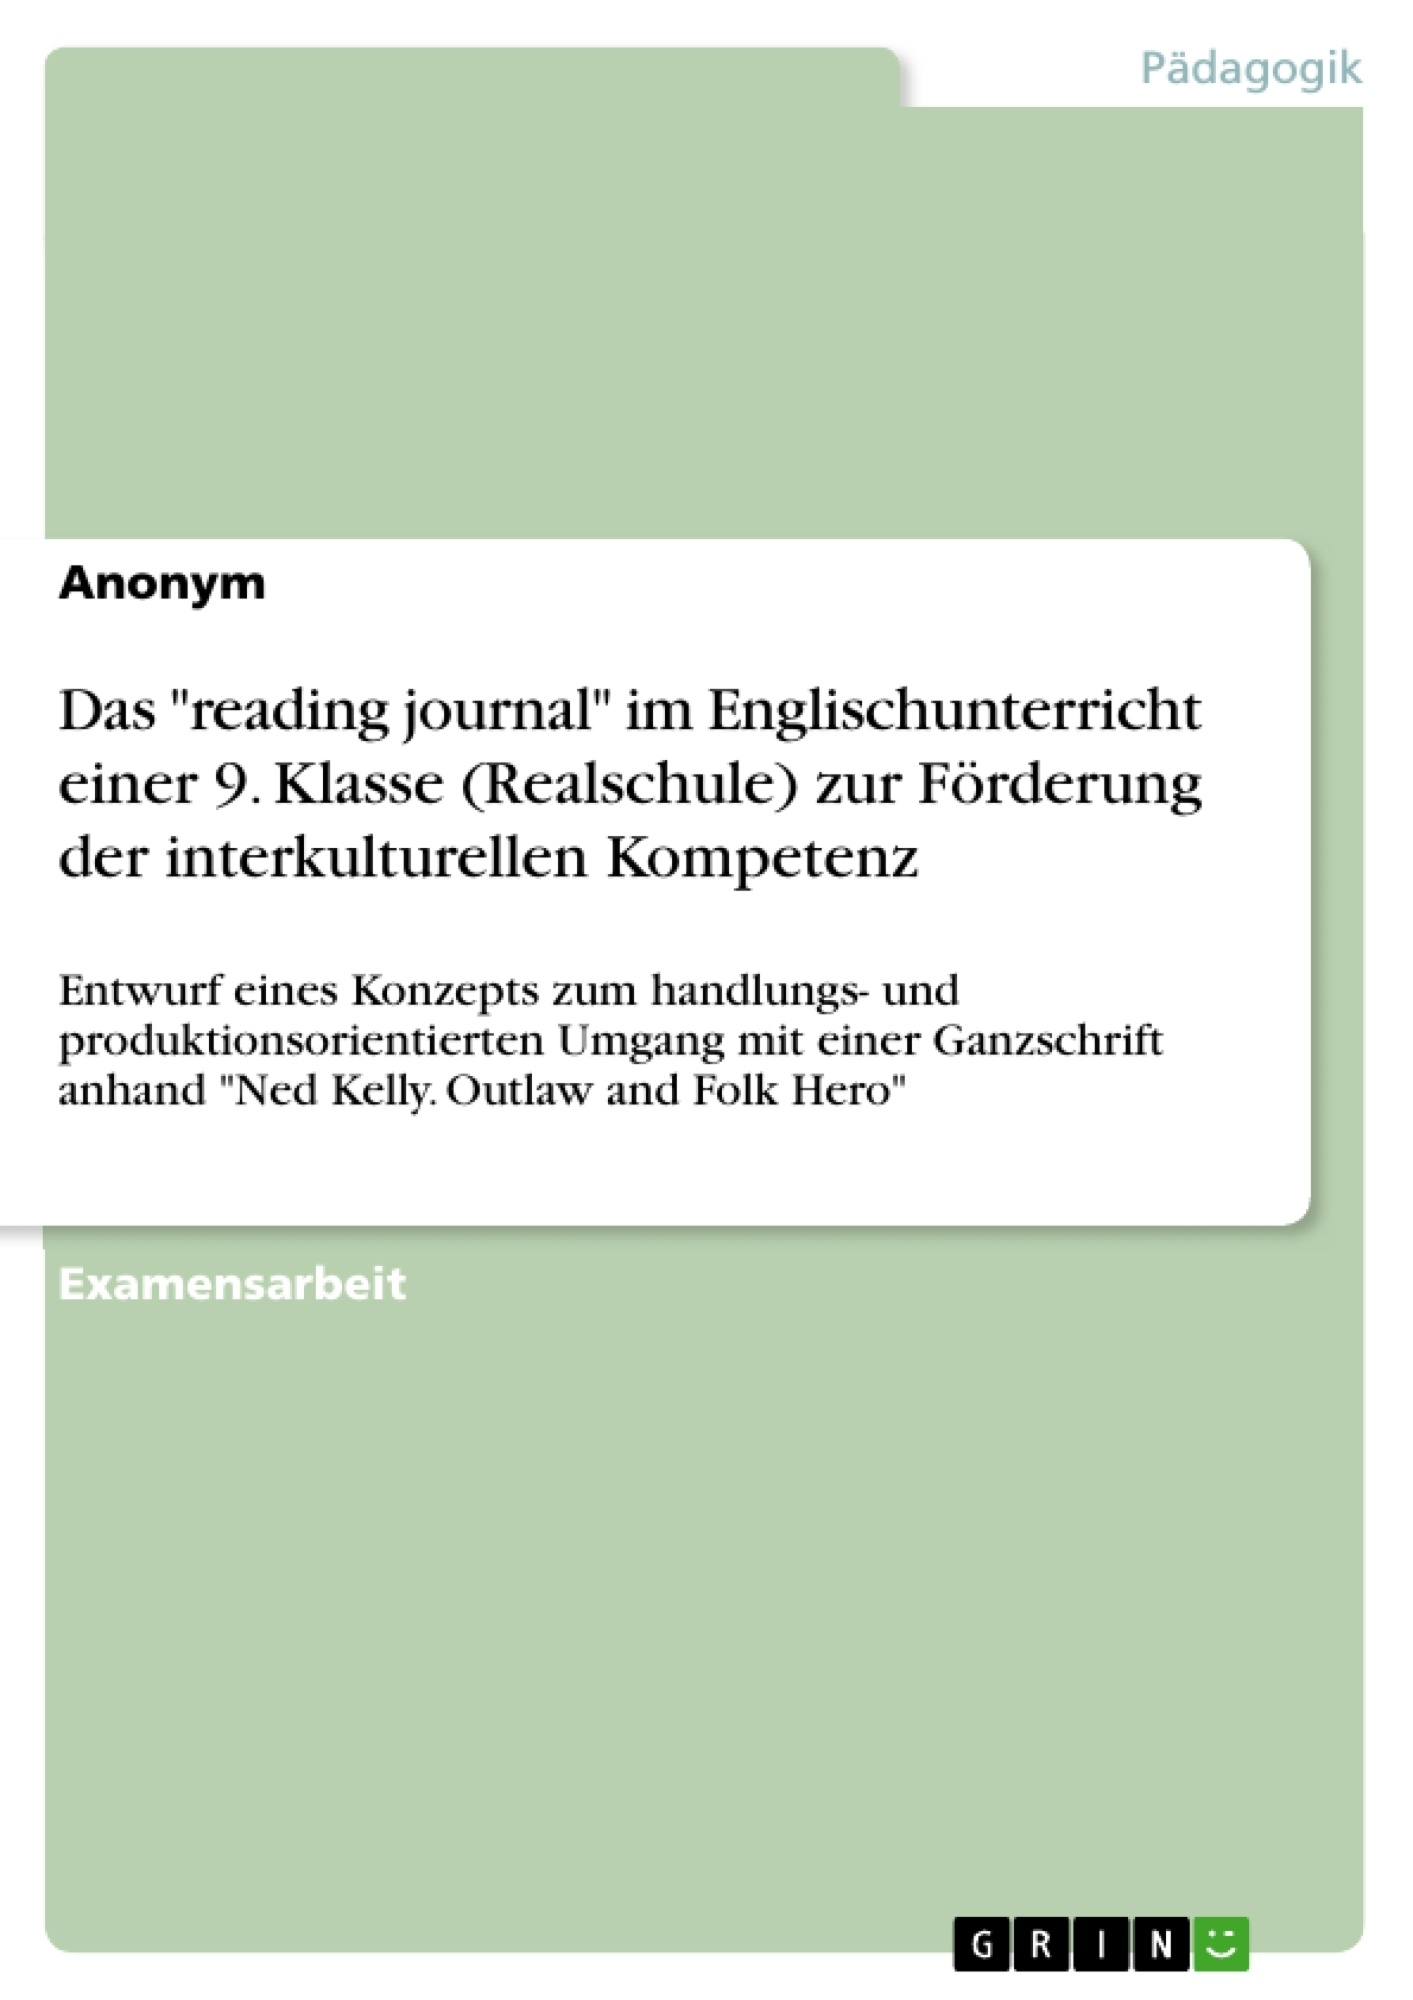 Atemberaubend Schreibvorlagen Für Vorschulkinder Galerie - Entry ...